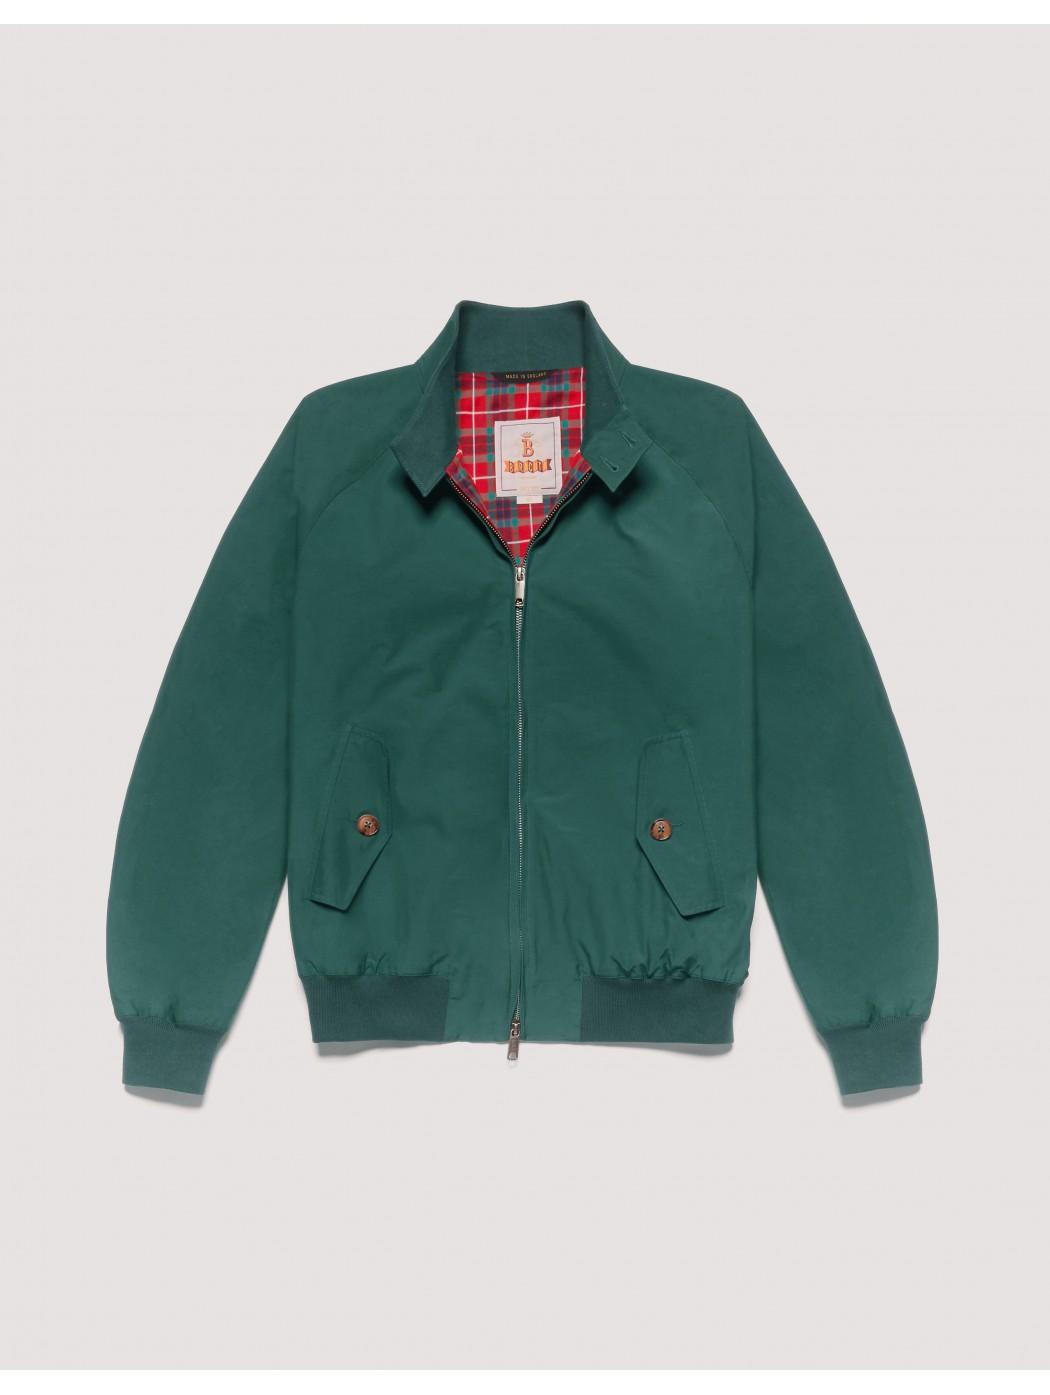 G9 BARACUTA CLOTH BARACUTA BRCPS0001BCNY1 6368